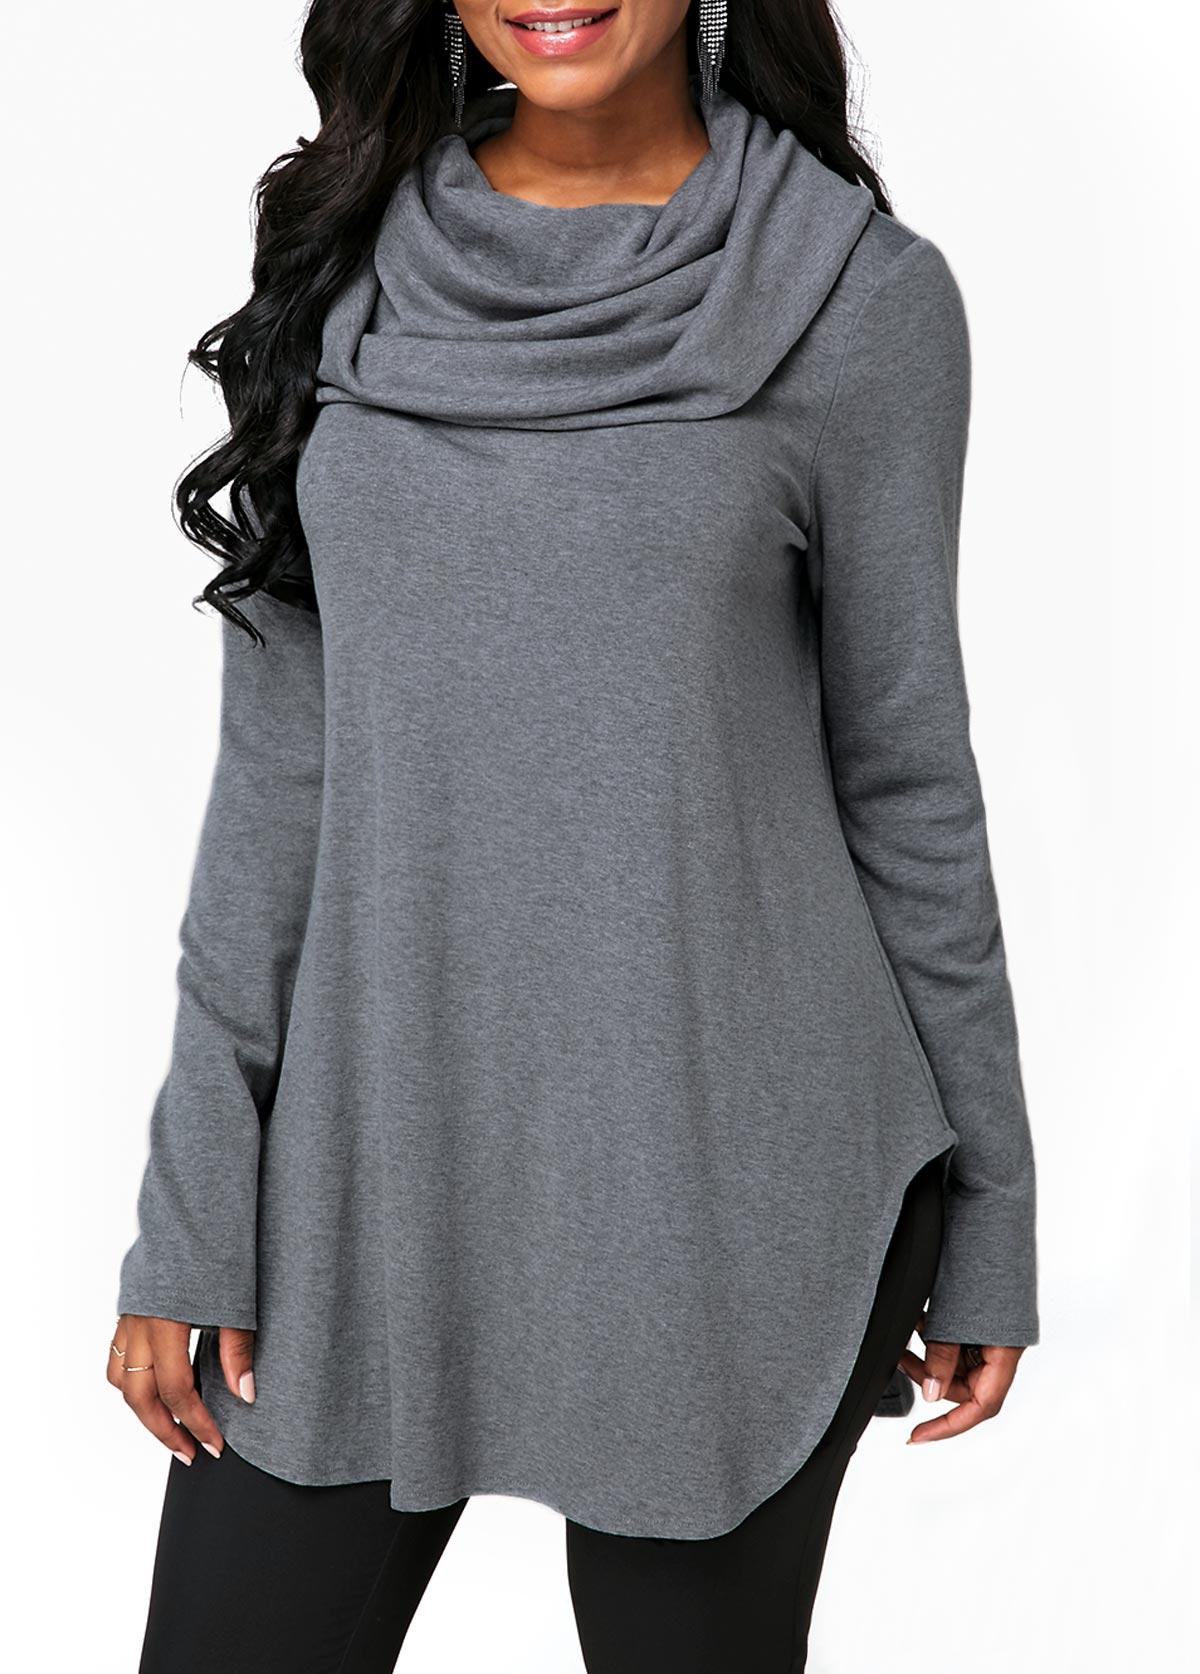 Cowl Neck Grey Long Sleeve Sweatshirt